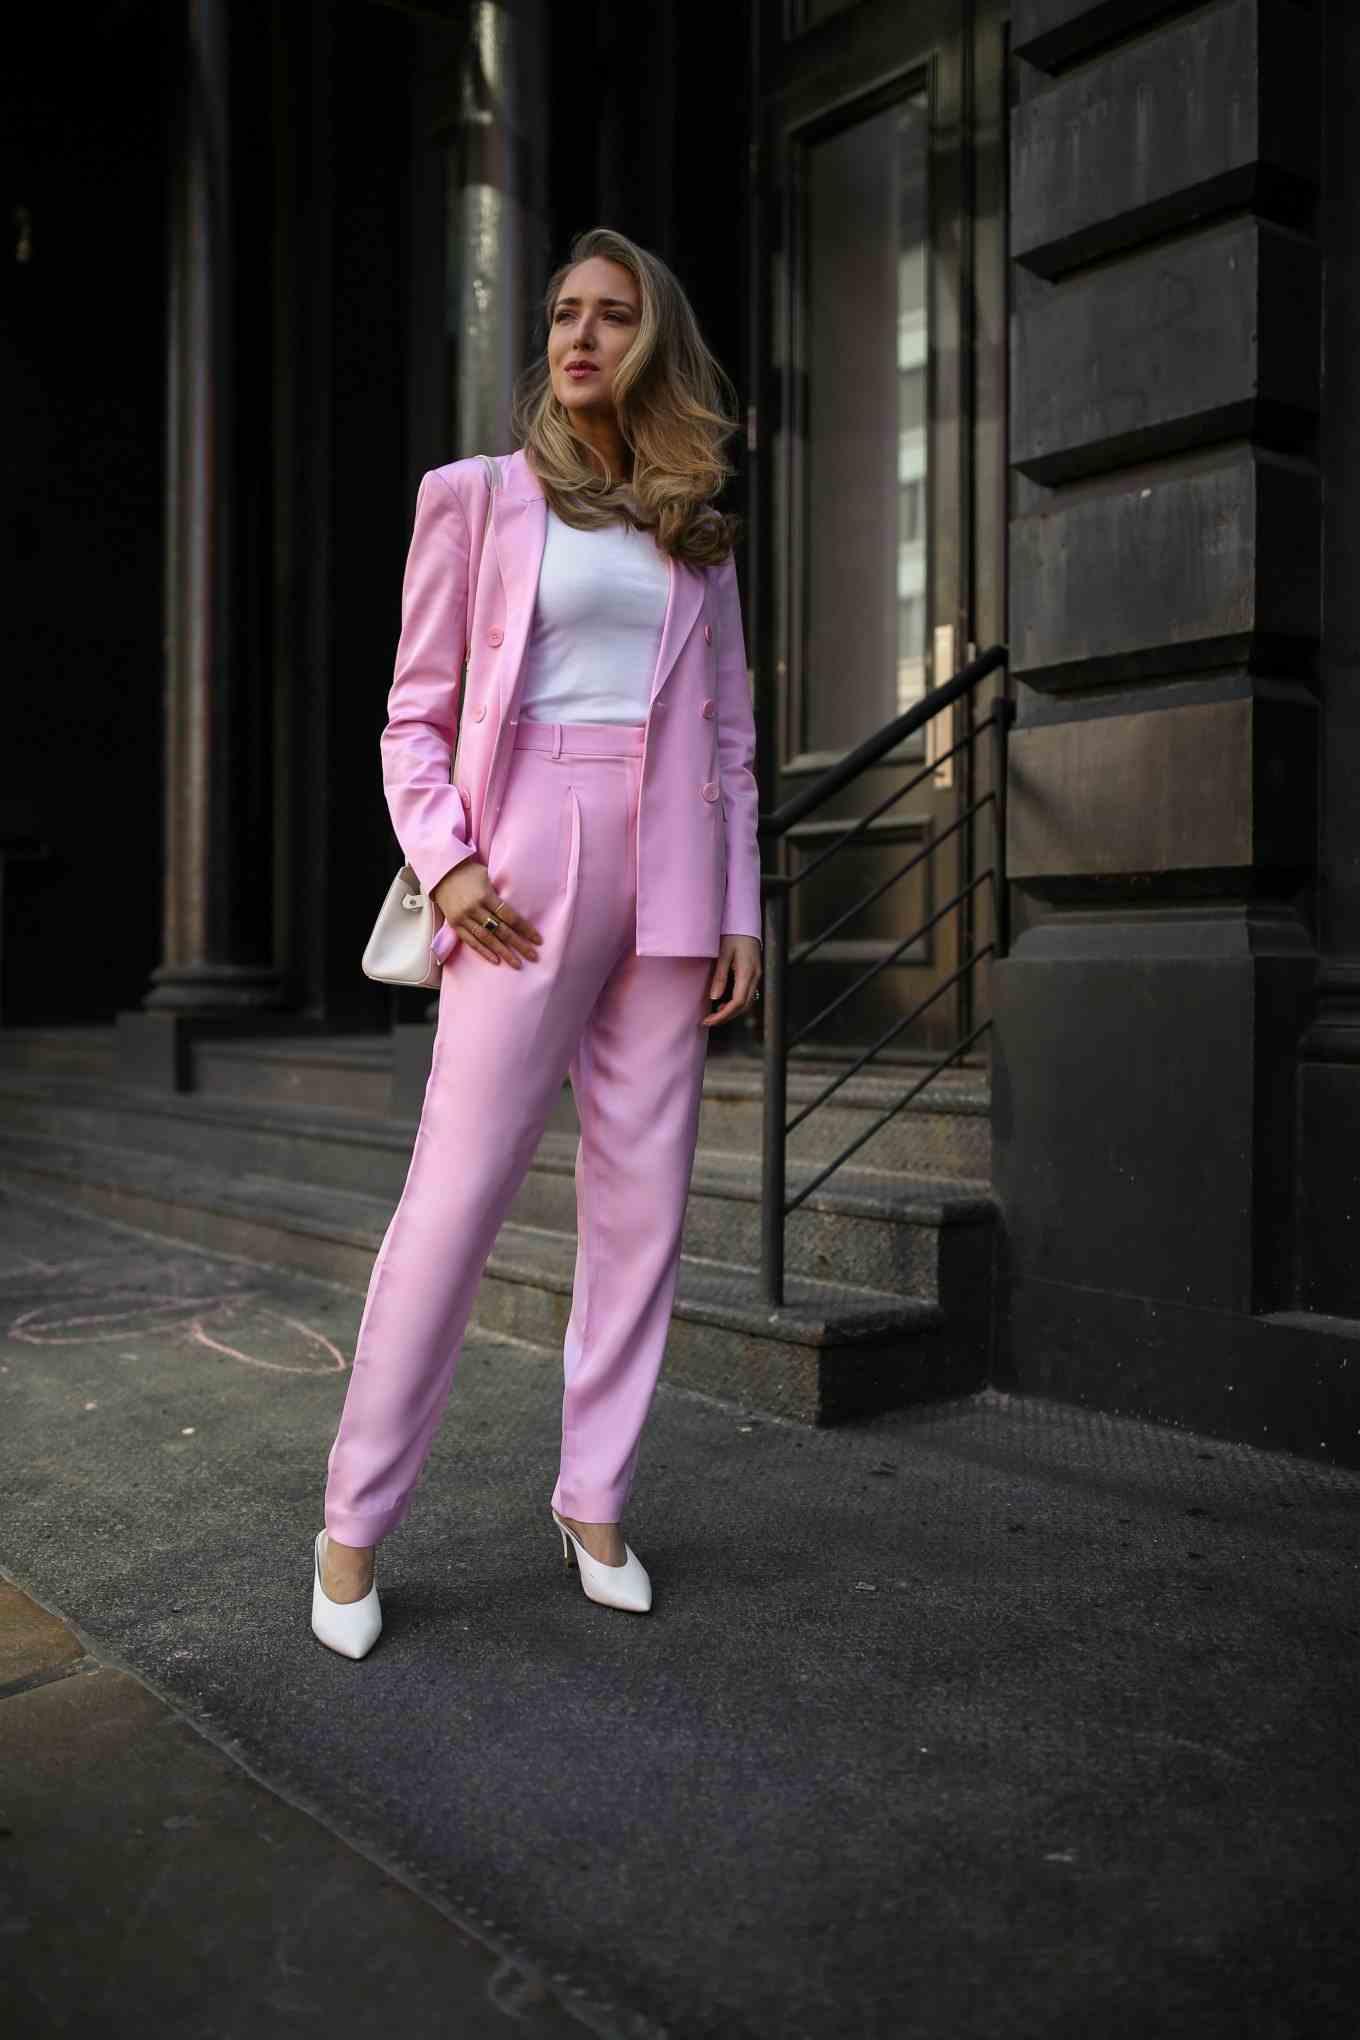 ropa-de-moda-2018-traje-clasico